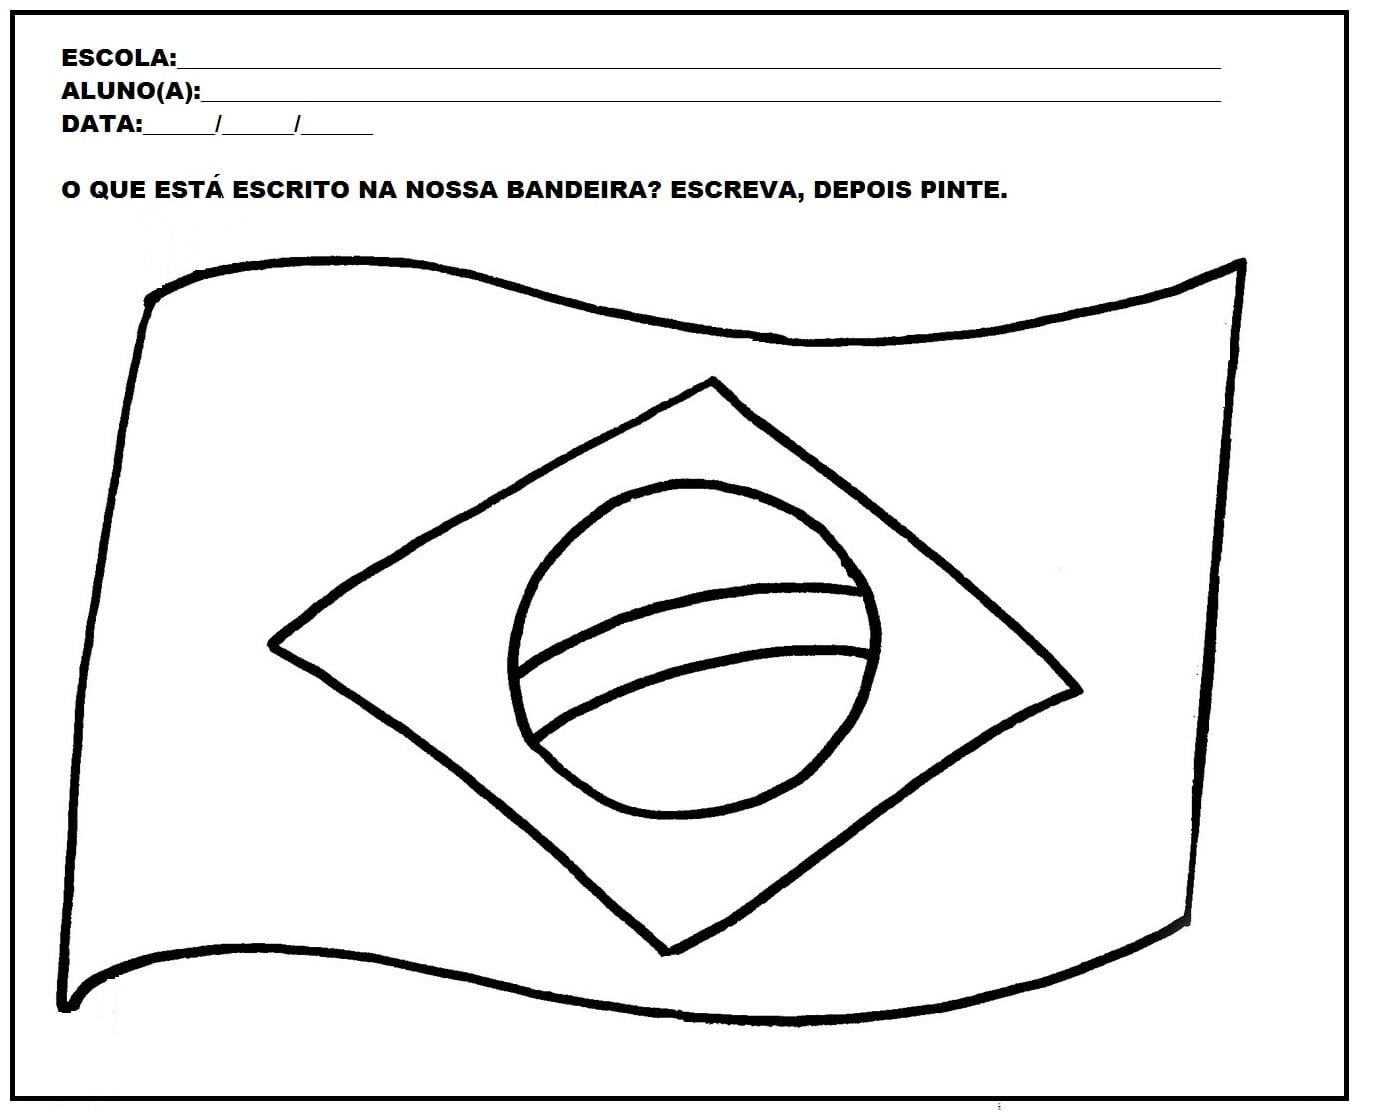 Desenhos Da Bandeira Do Brasil Para Colorir, 19 De Novembro (dia